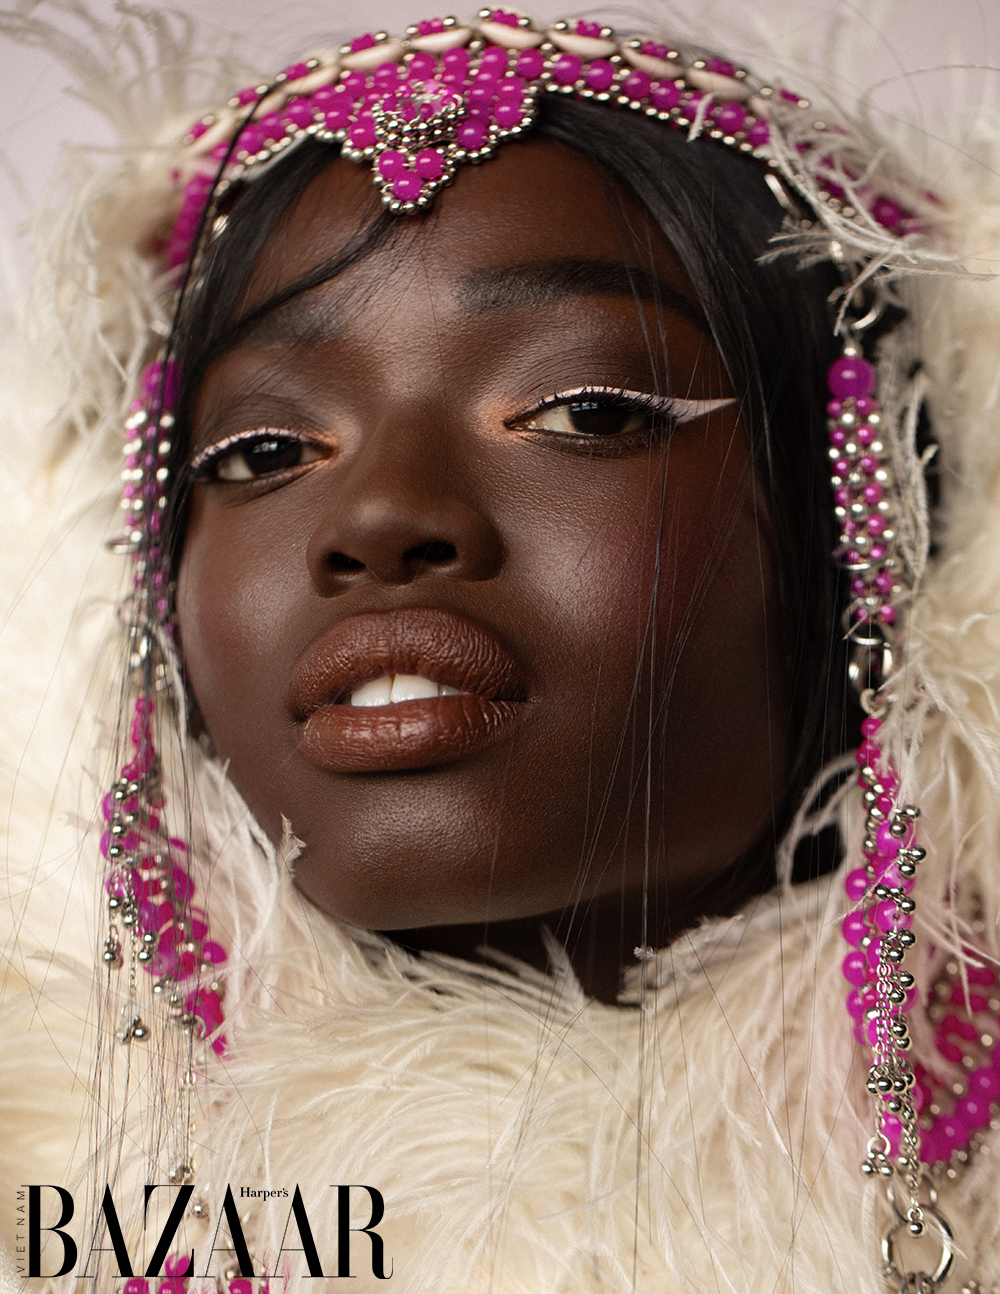 Siêu mẫu SouKenya Diouf đại diện cho vẻ đẹp xứ sở kim cương đen 1